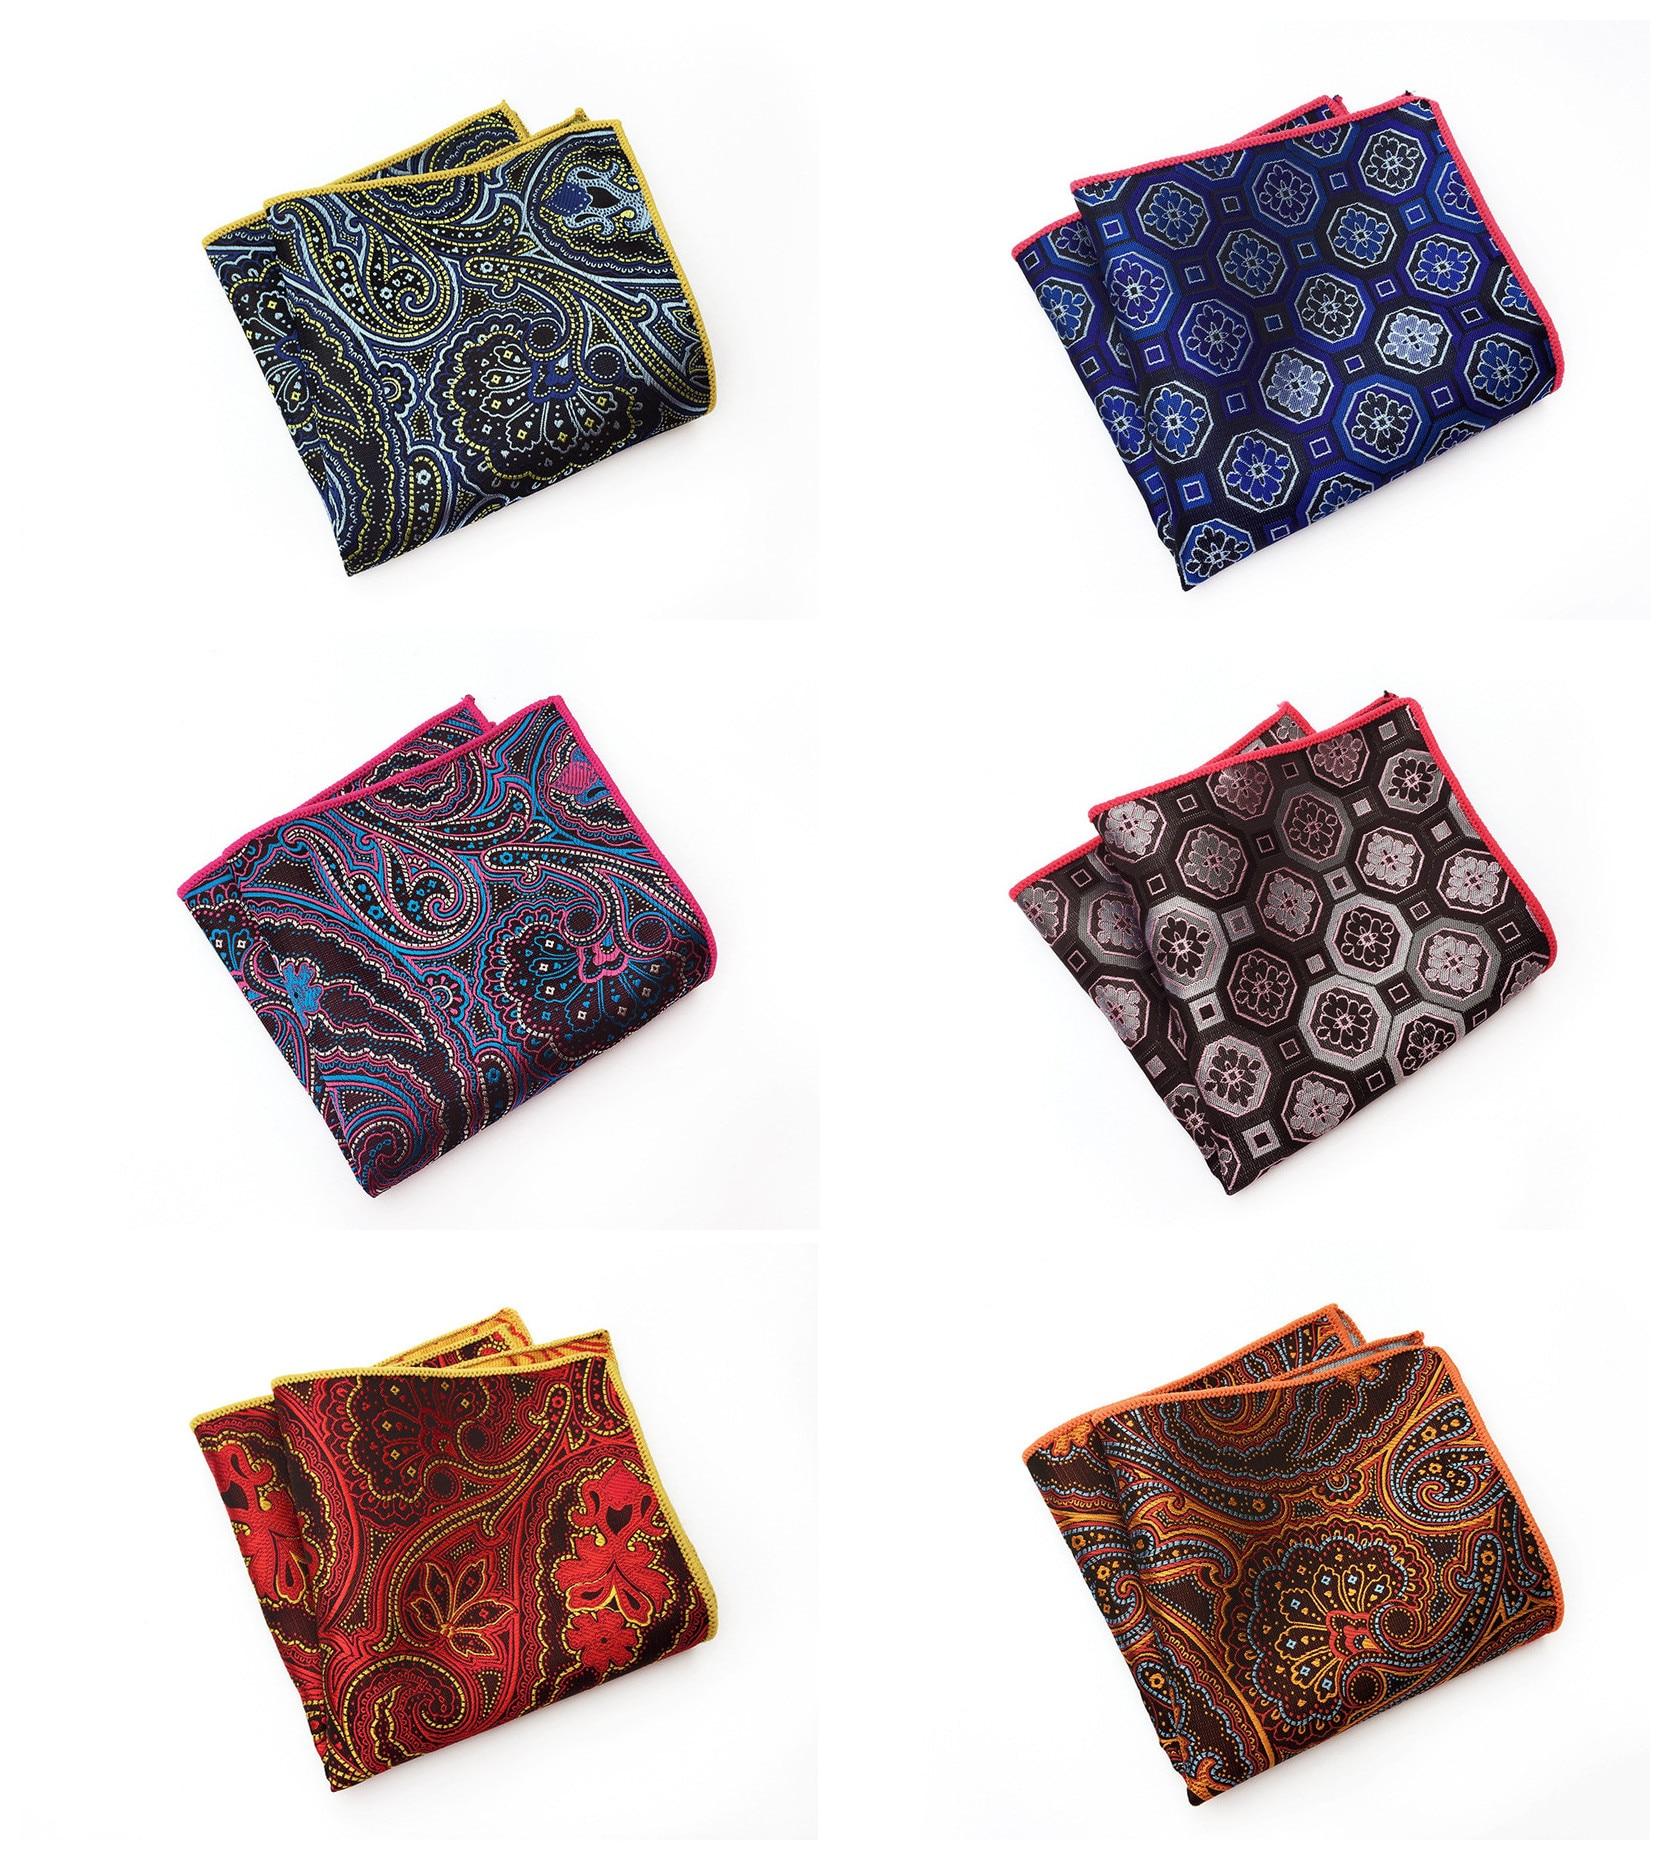 Unique Design Quality Paisley Polyester Pocket Towel 2019 Fashion Explosion Business Suit Dress Pocket Towel 9 Color Combination